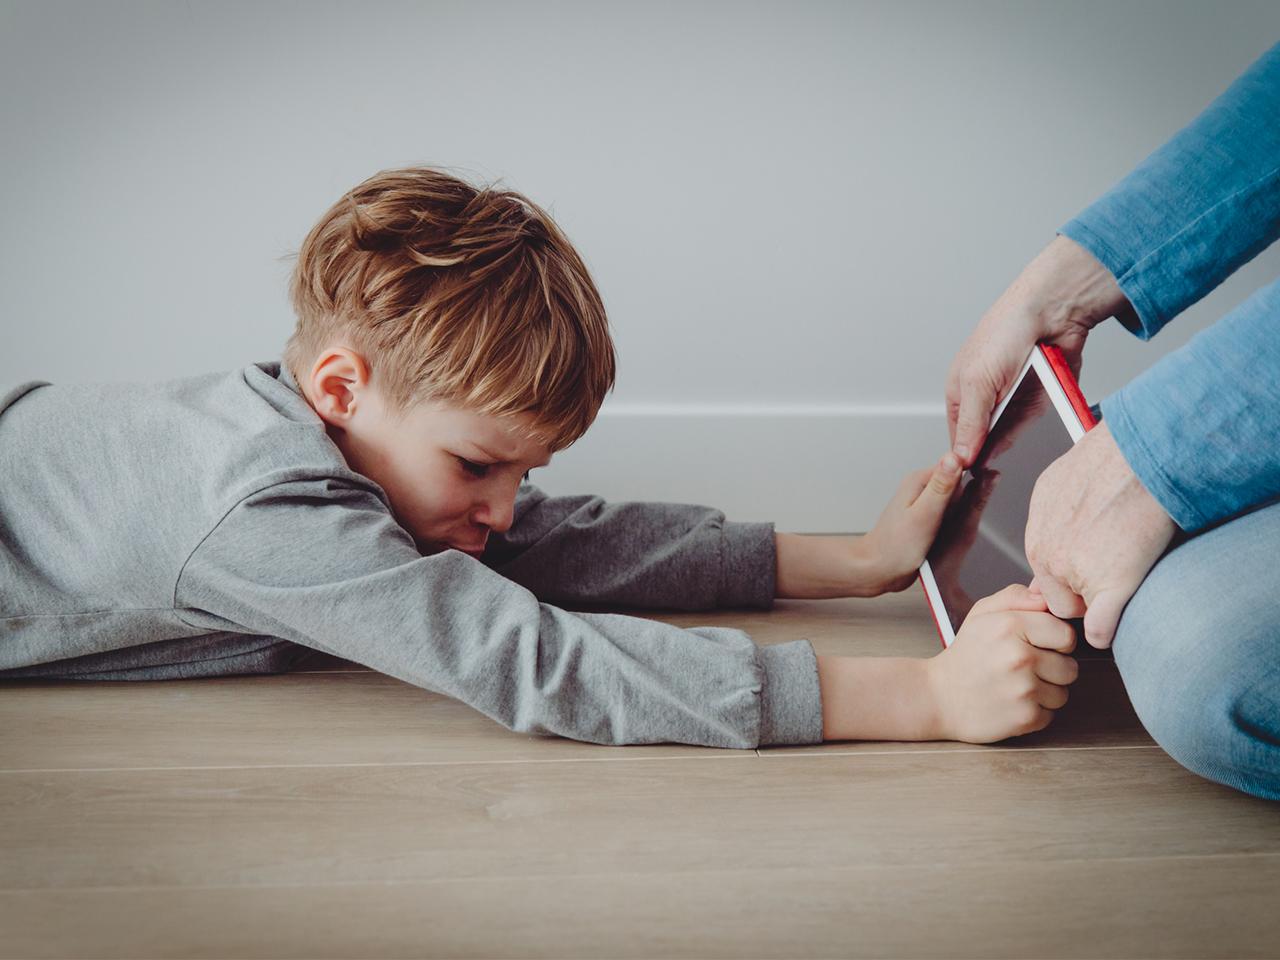 【玩少啲】在家時間太長只打機?家長提防「遊戲障礙」